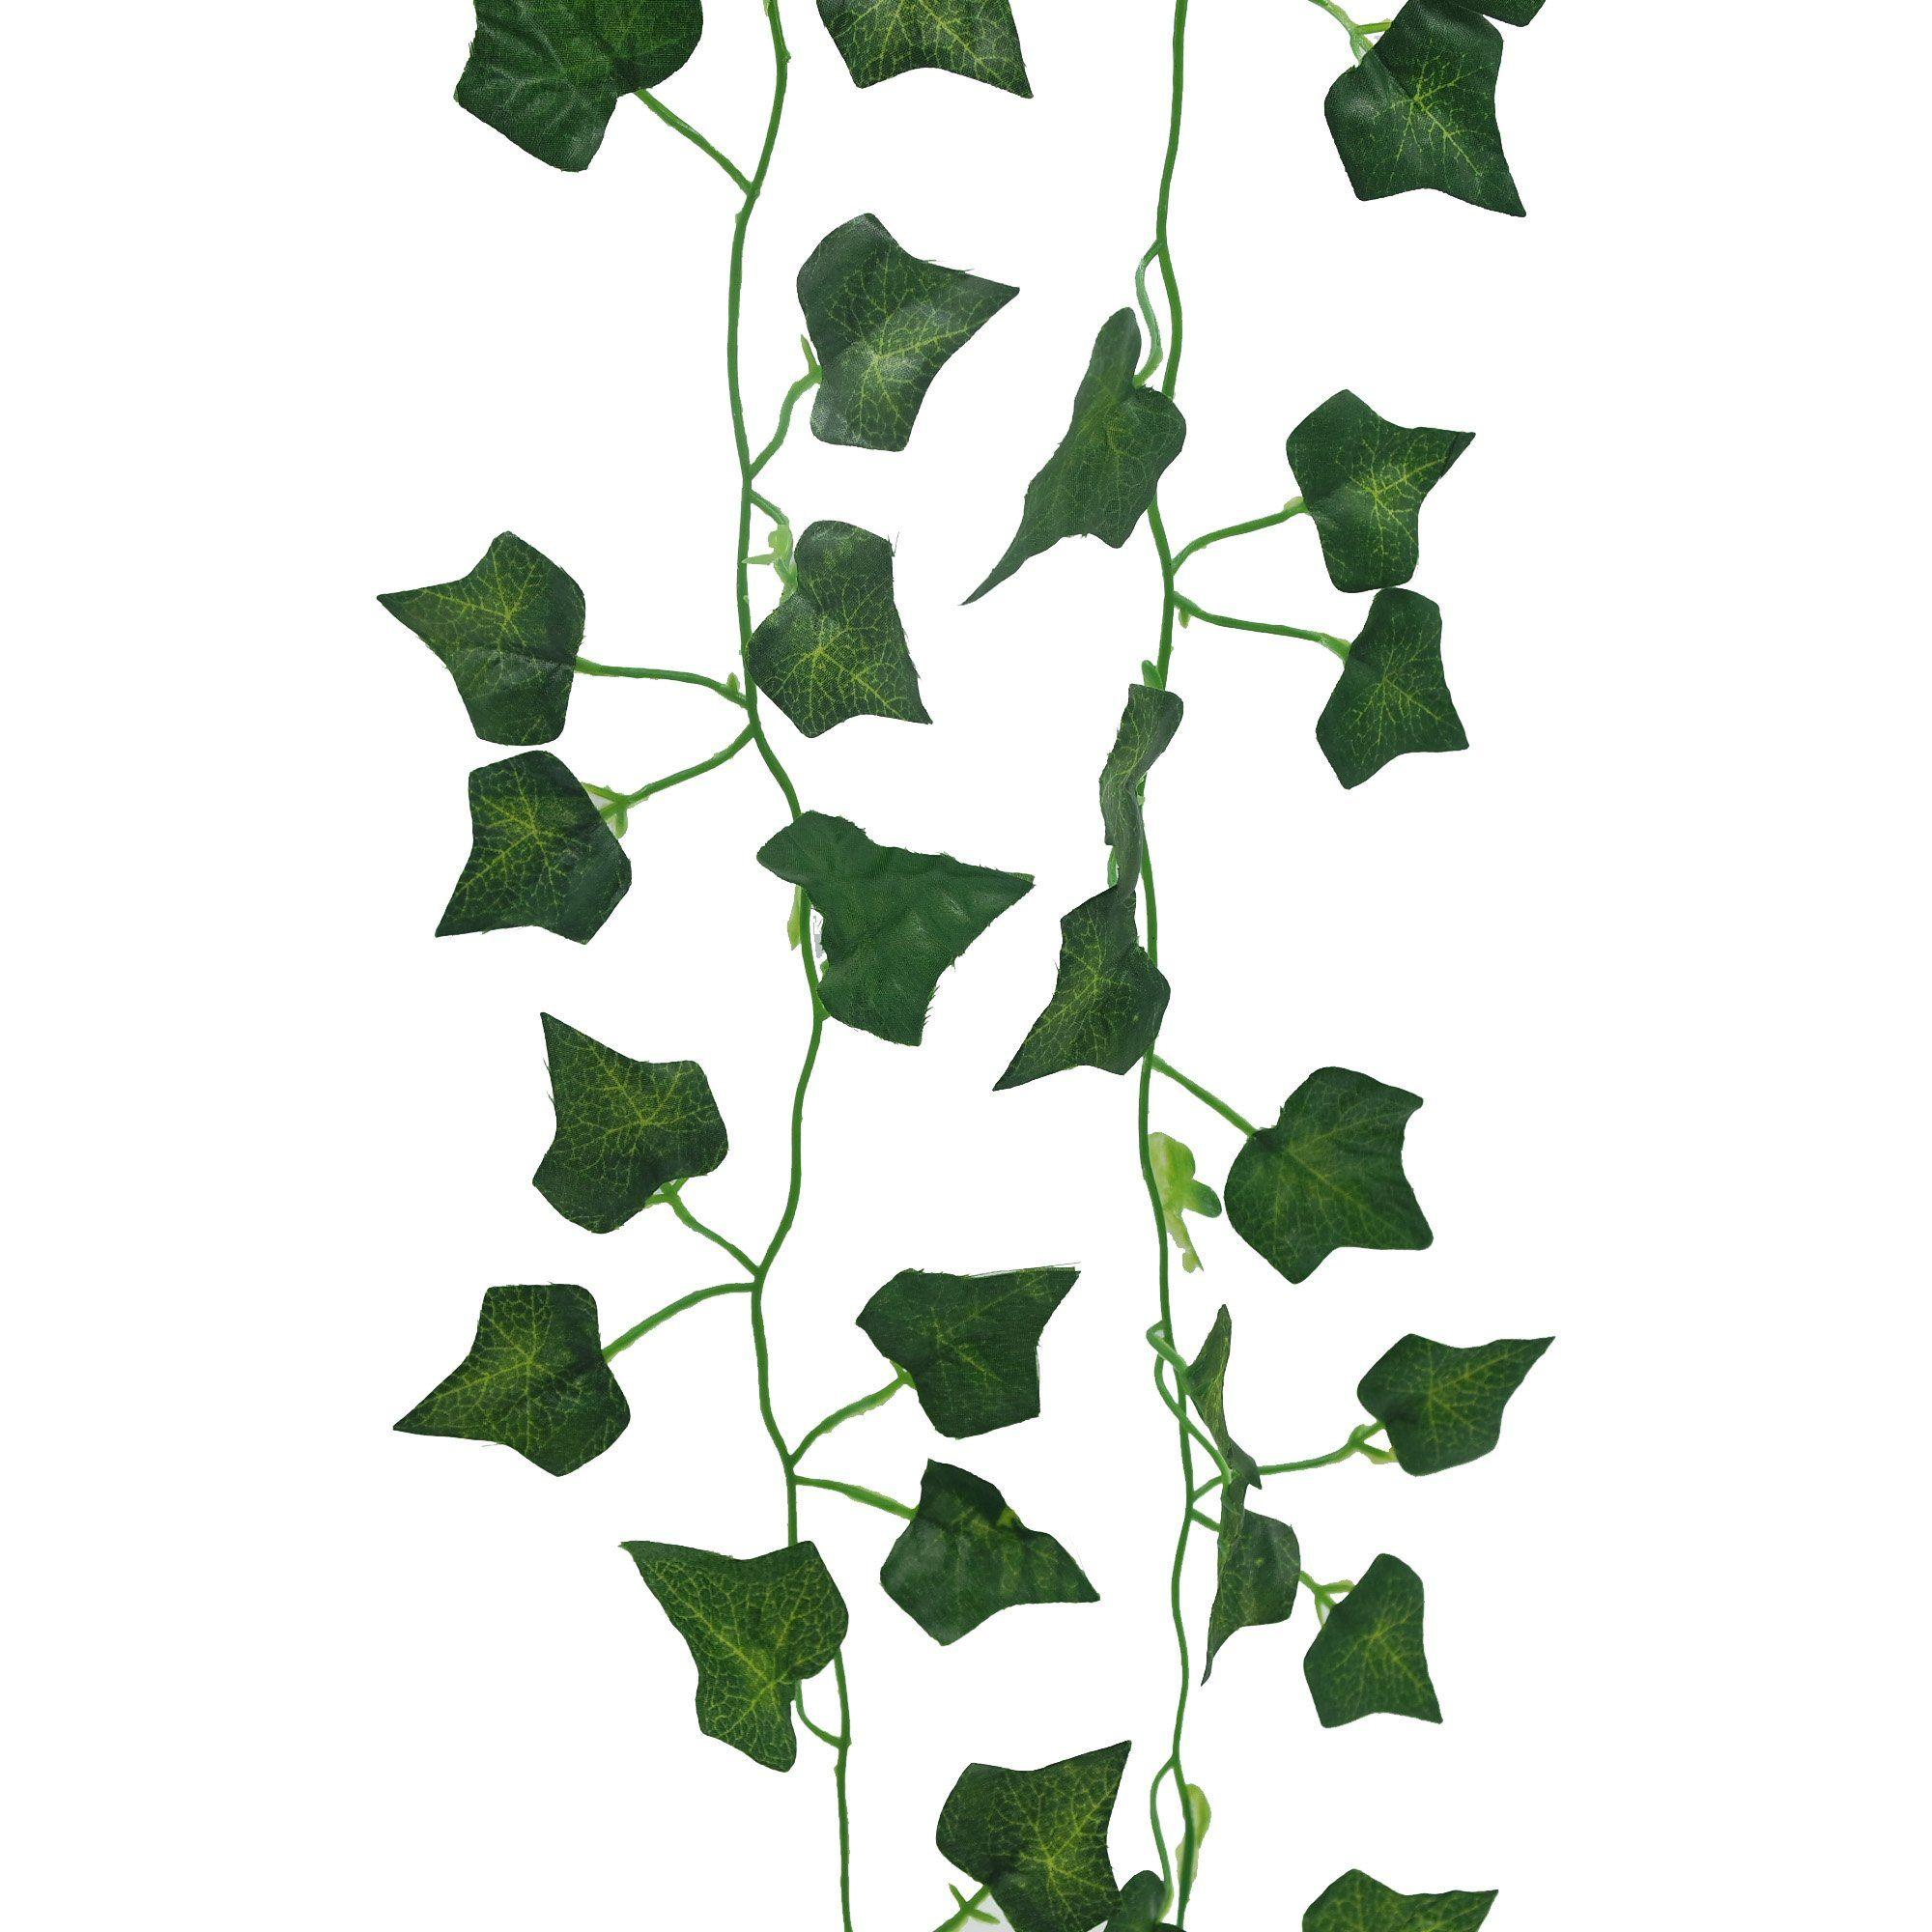 YHuaM 80 Leaves Artificial Ivy Plant Vines Decorative Vines